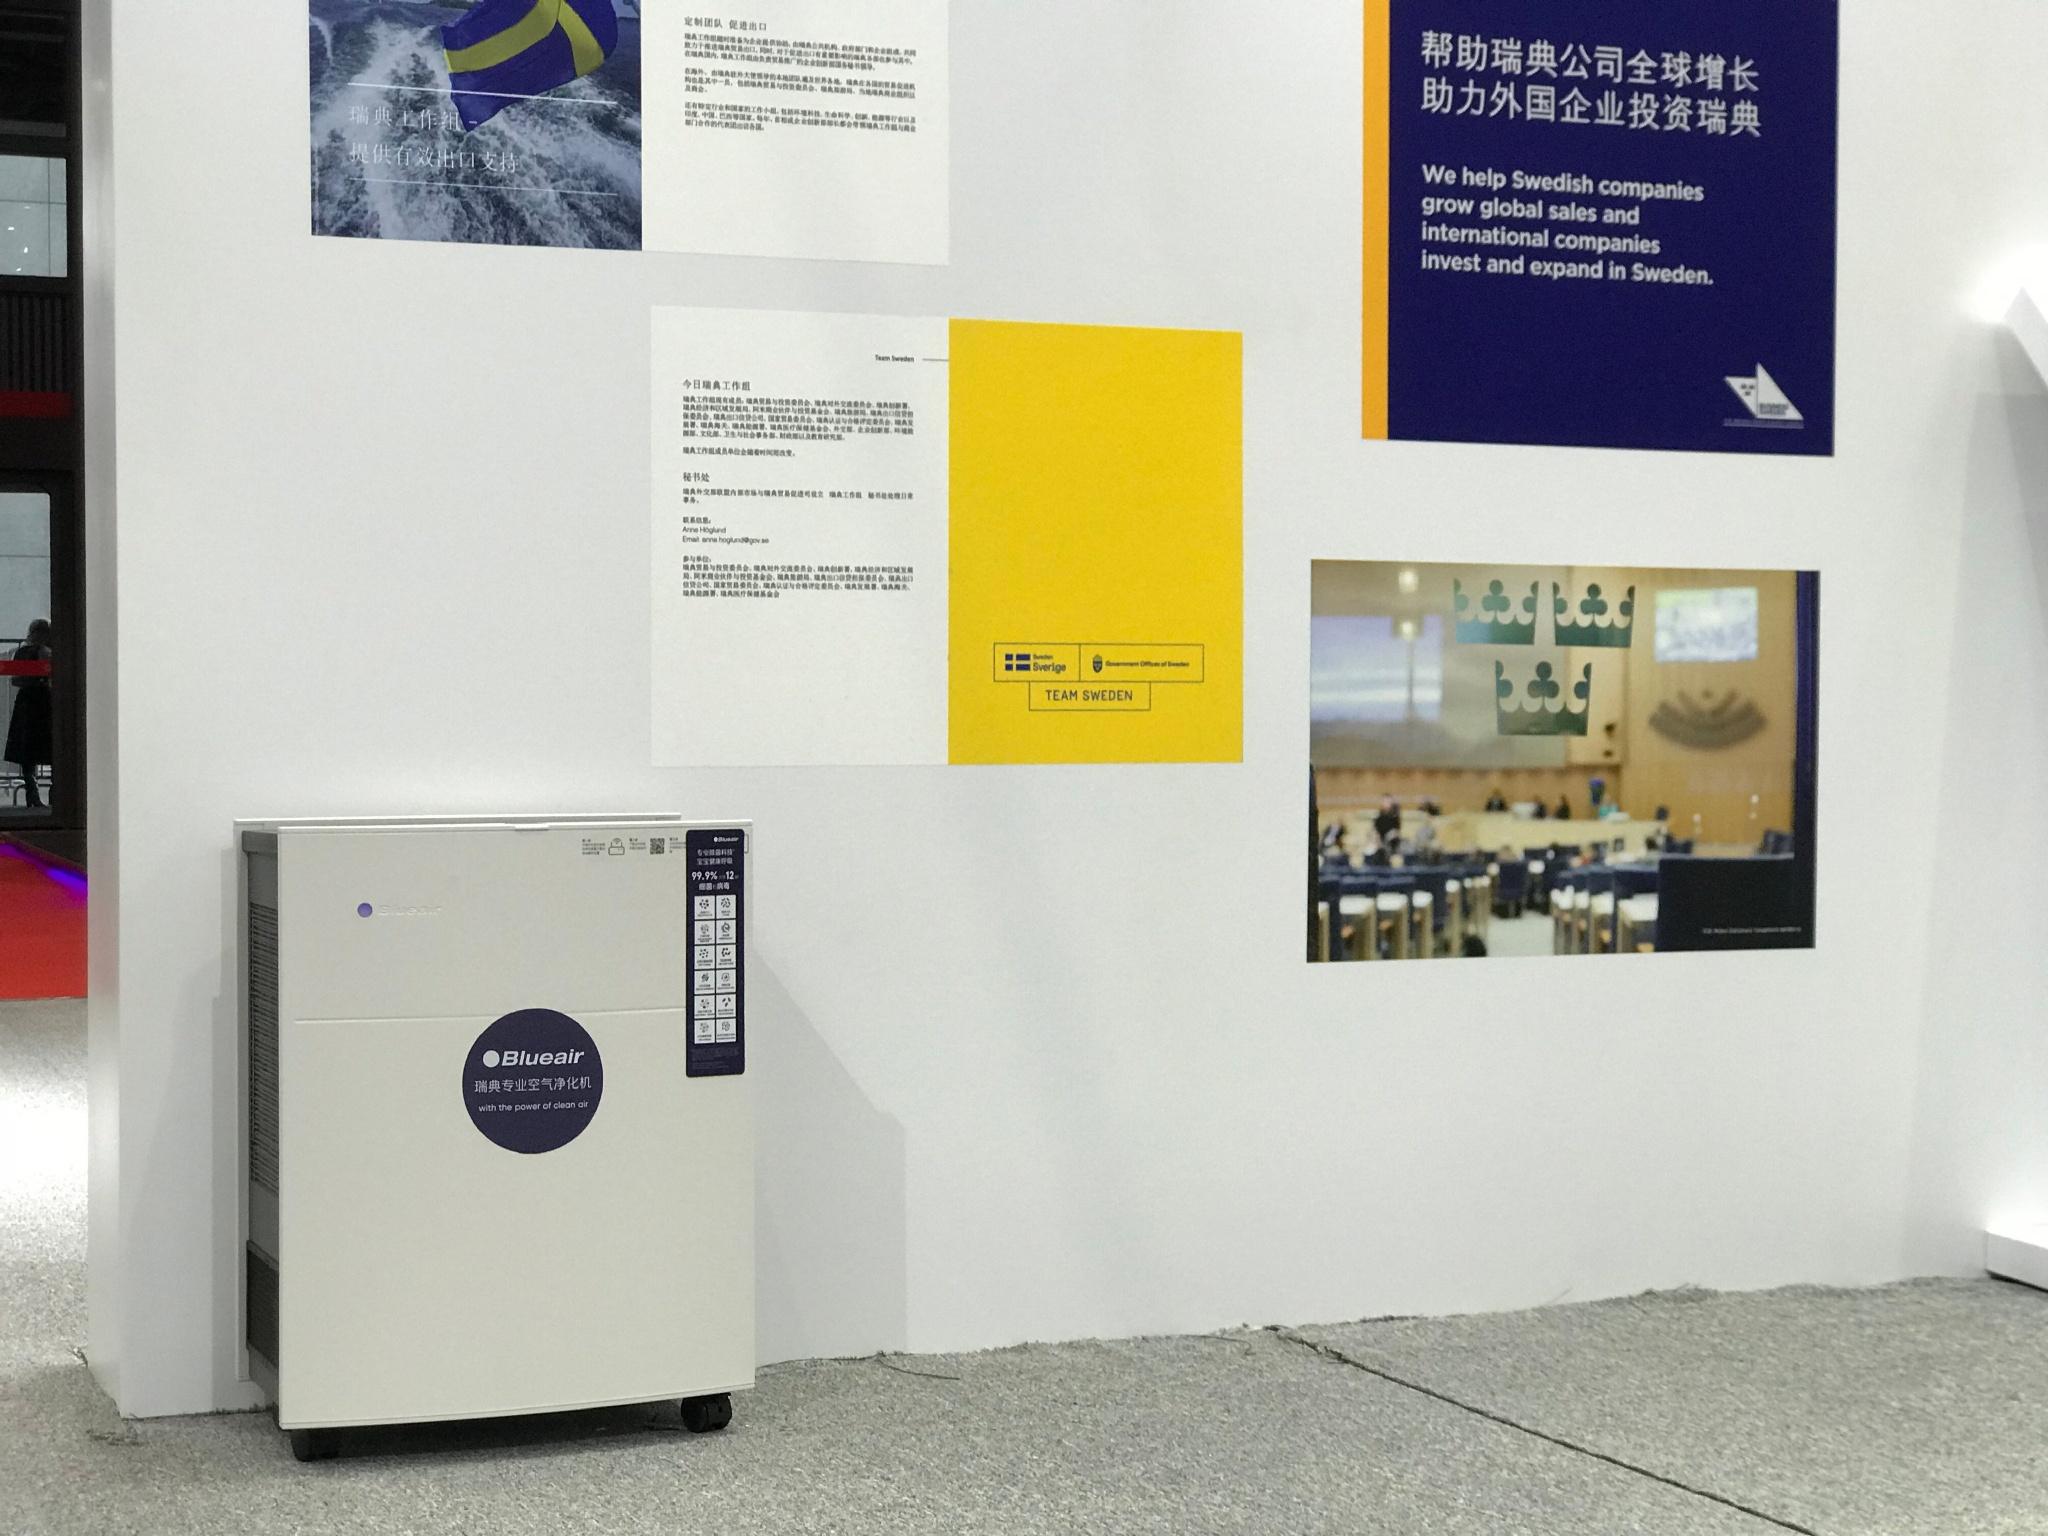 第一届中国国际进口博览会瑞典馆遇见Blueair空气净化器